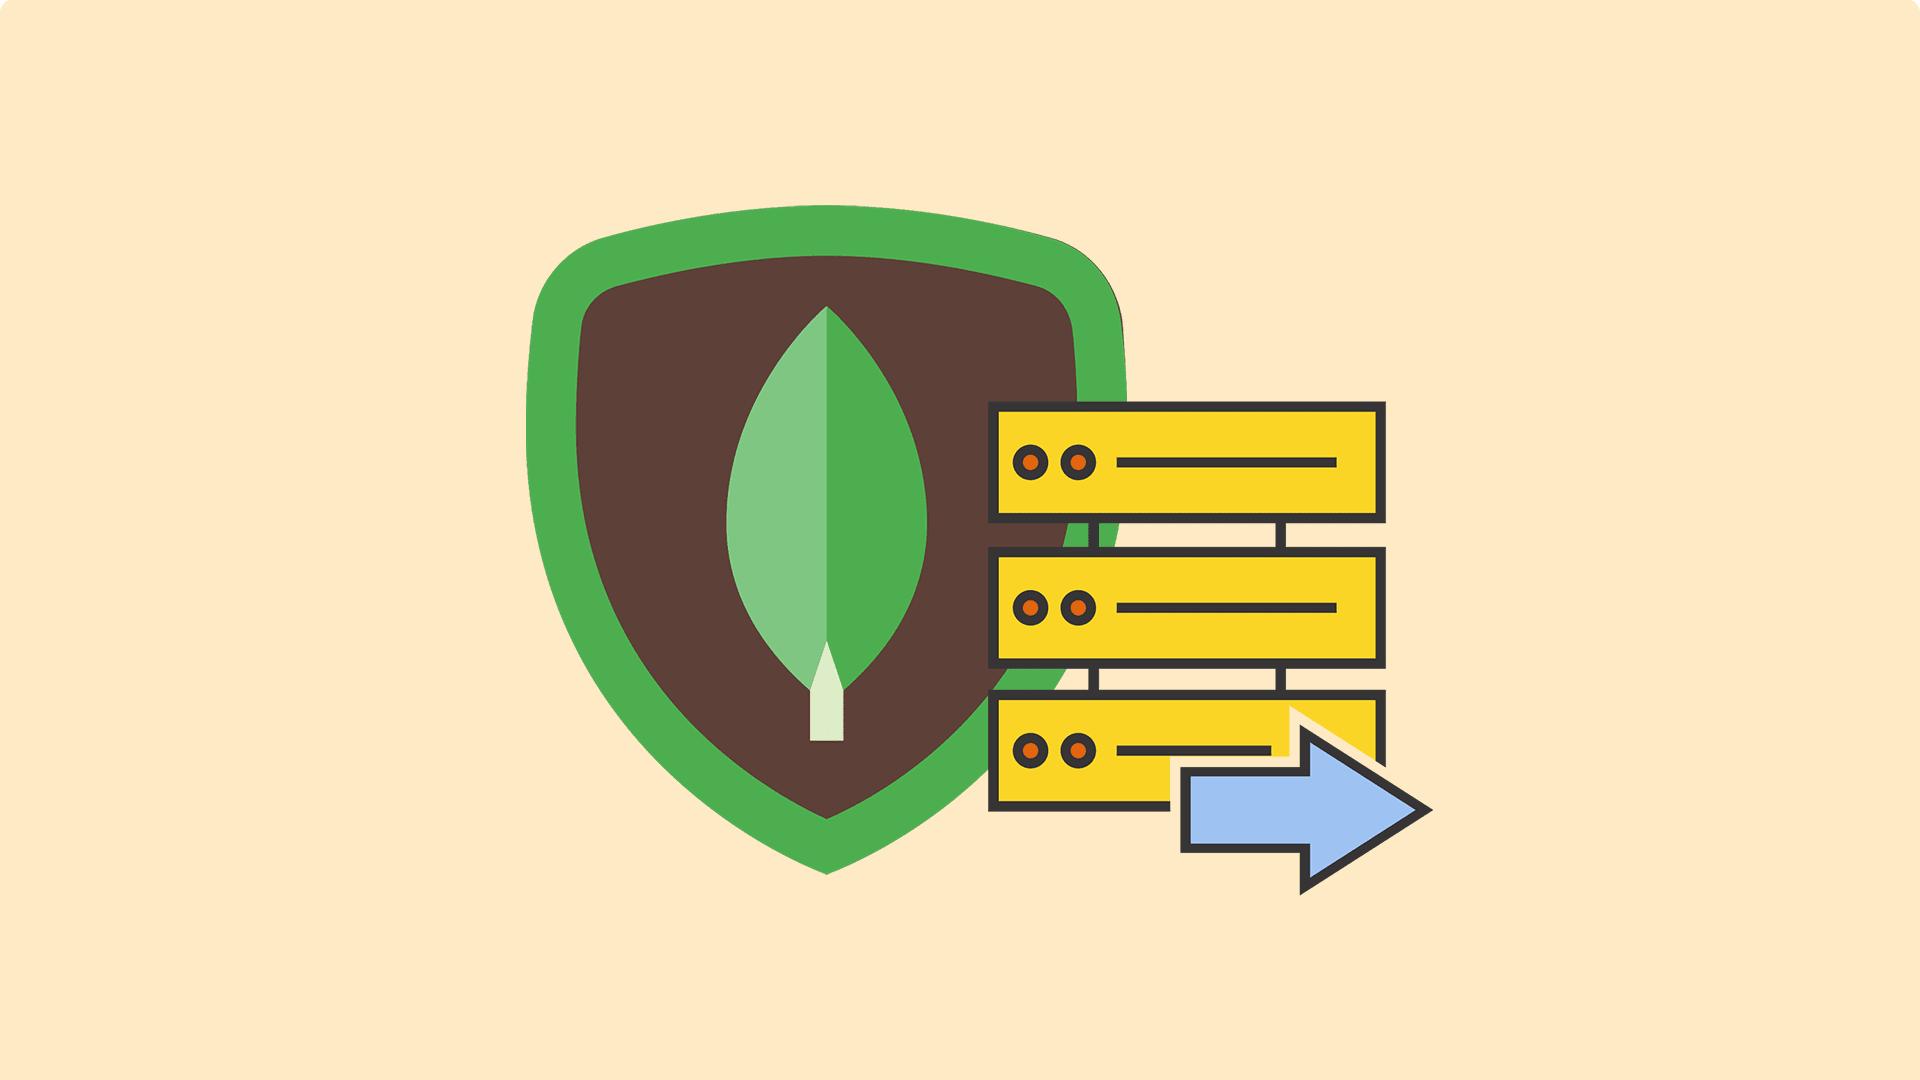 آموزش پیشرفته کار با پایگاه داده MongoDB